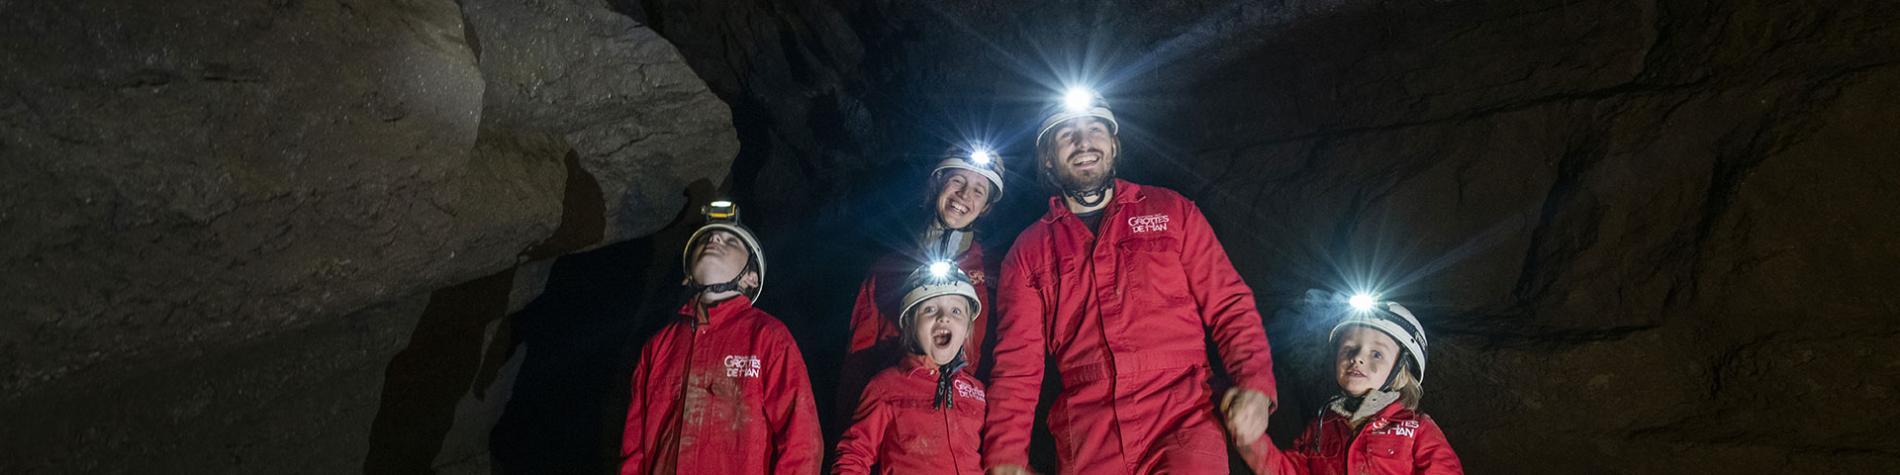 Speleo Quest - Parcours spéléo - Domaine des Grottes de Han